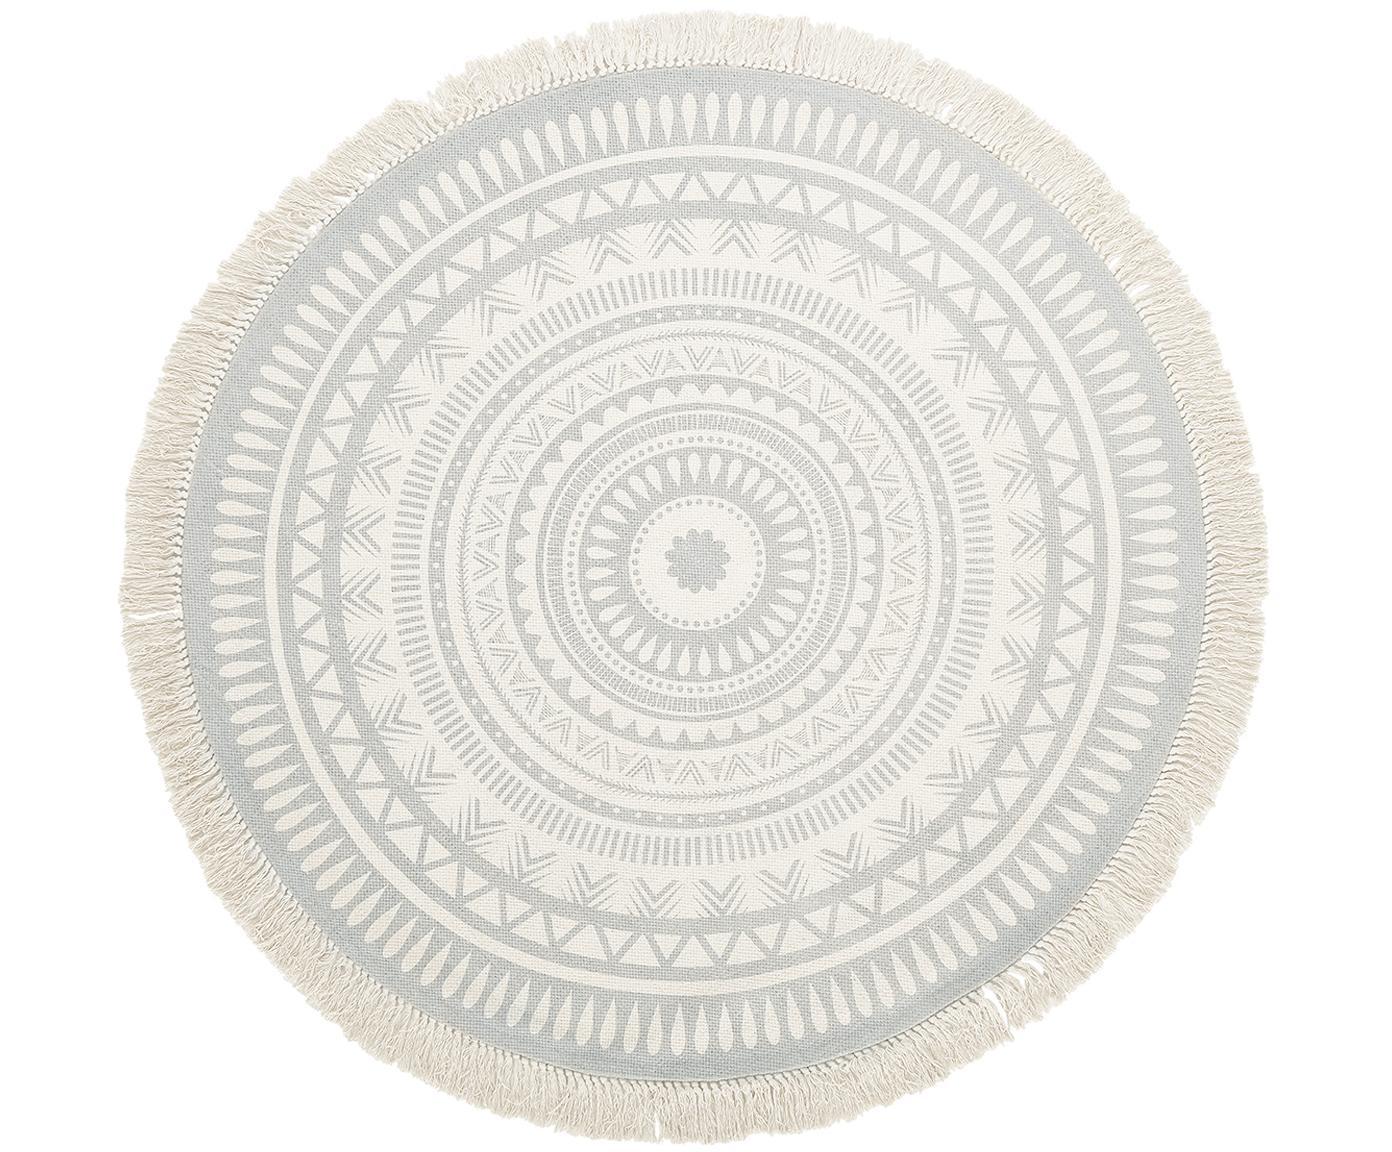 Tappeto rotondo in cotone tessuto a mano Benji, Grigio chiaro, beige, Ø 150 cm (taglia M)